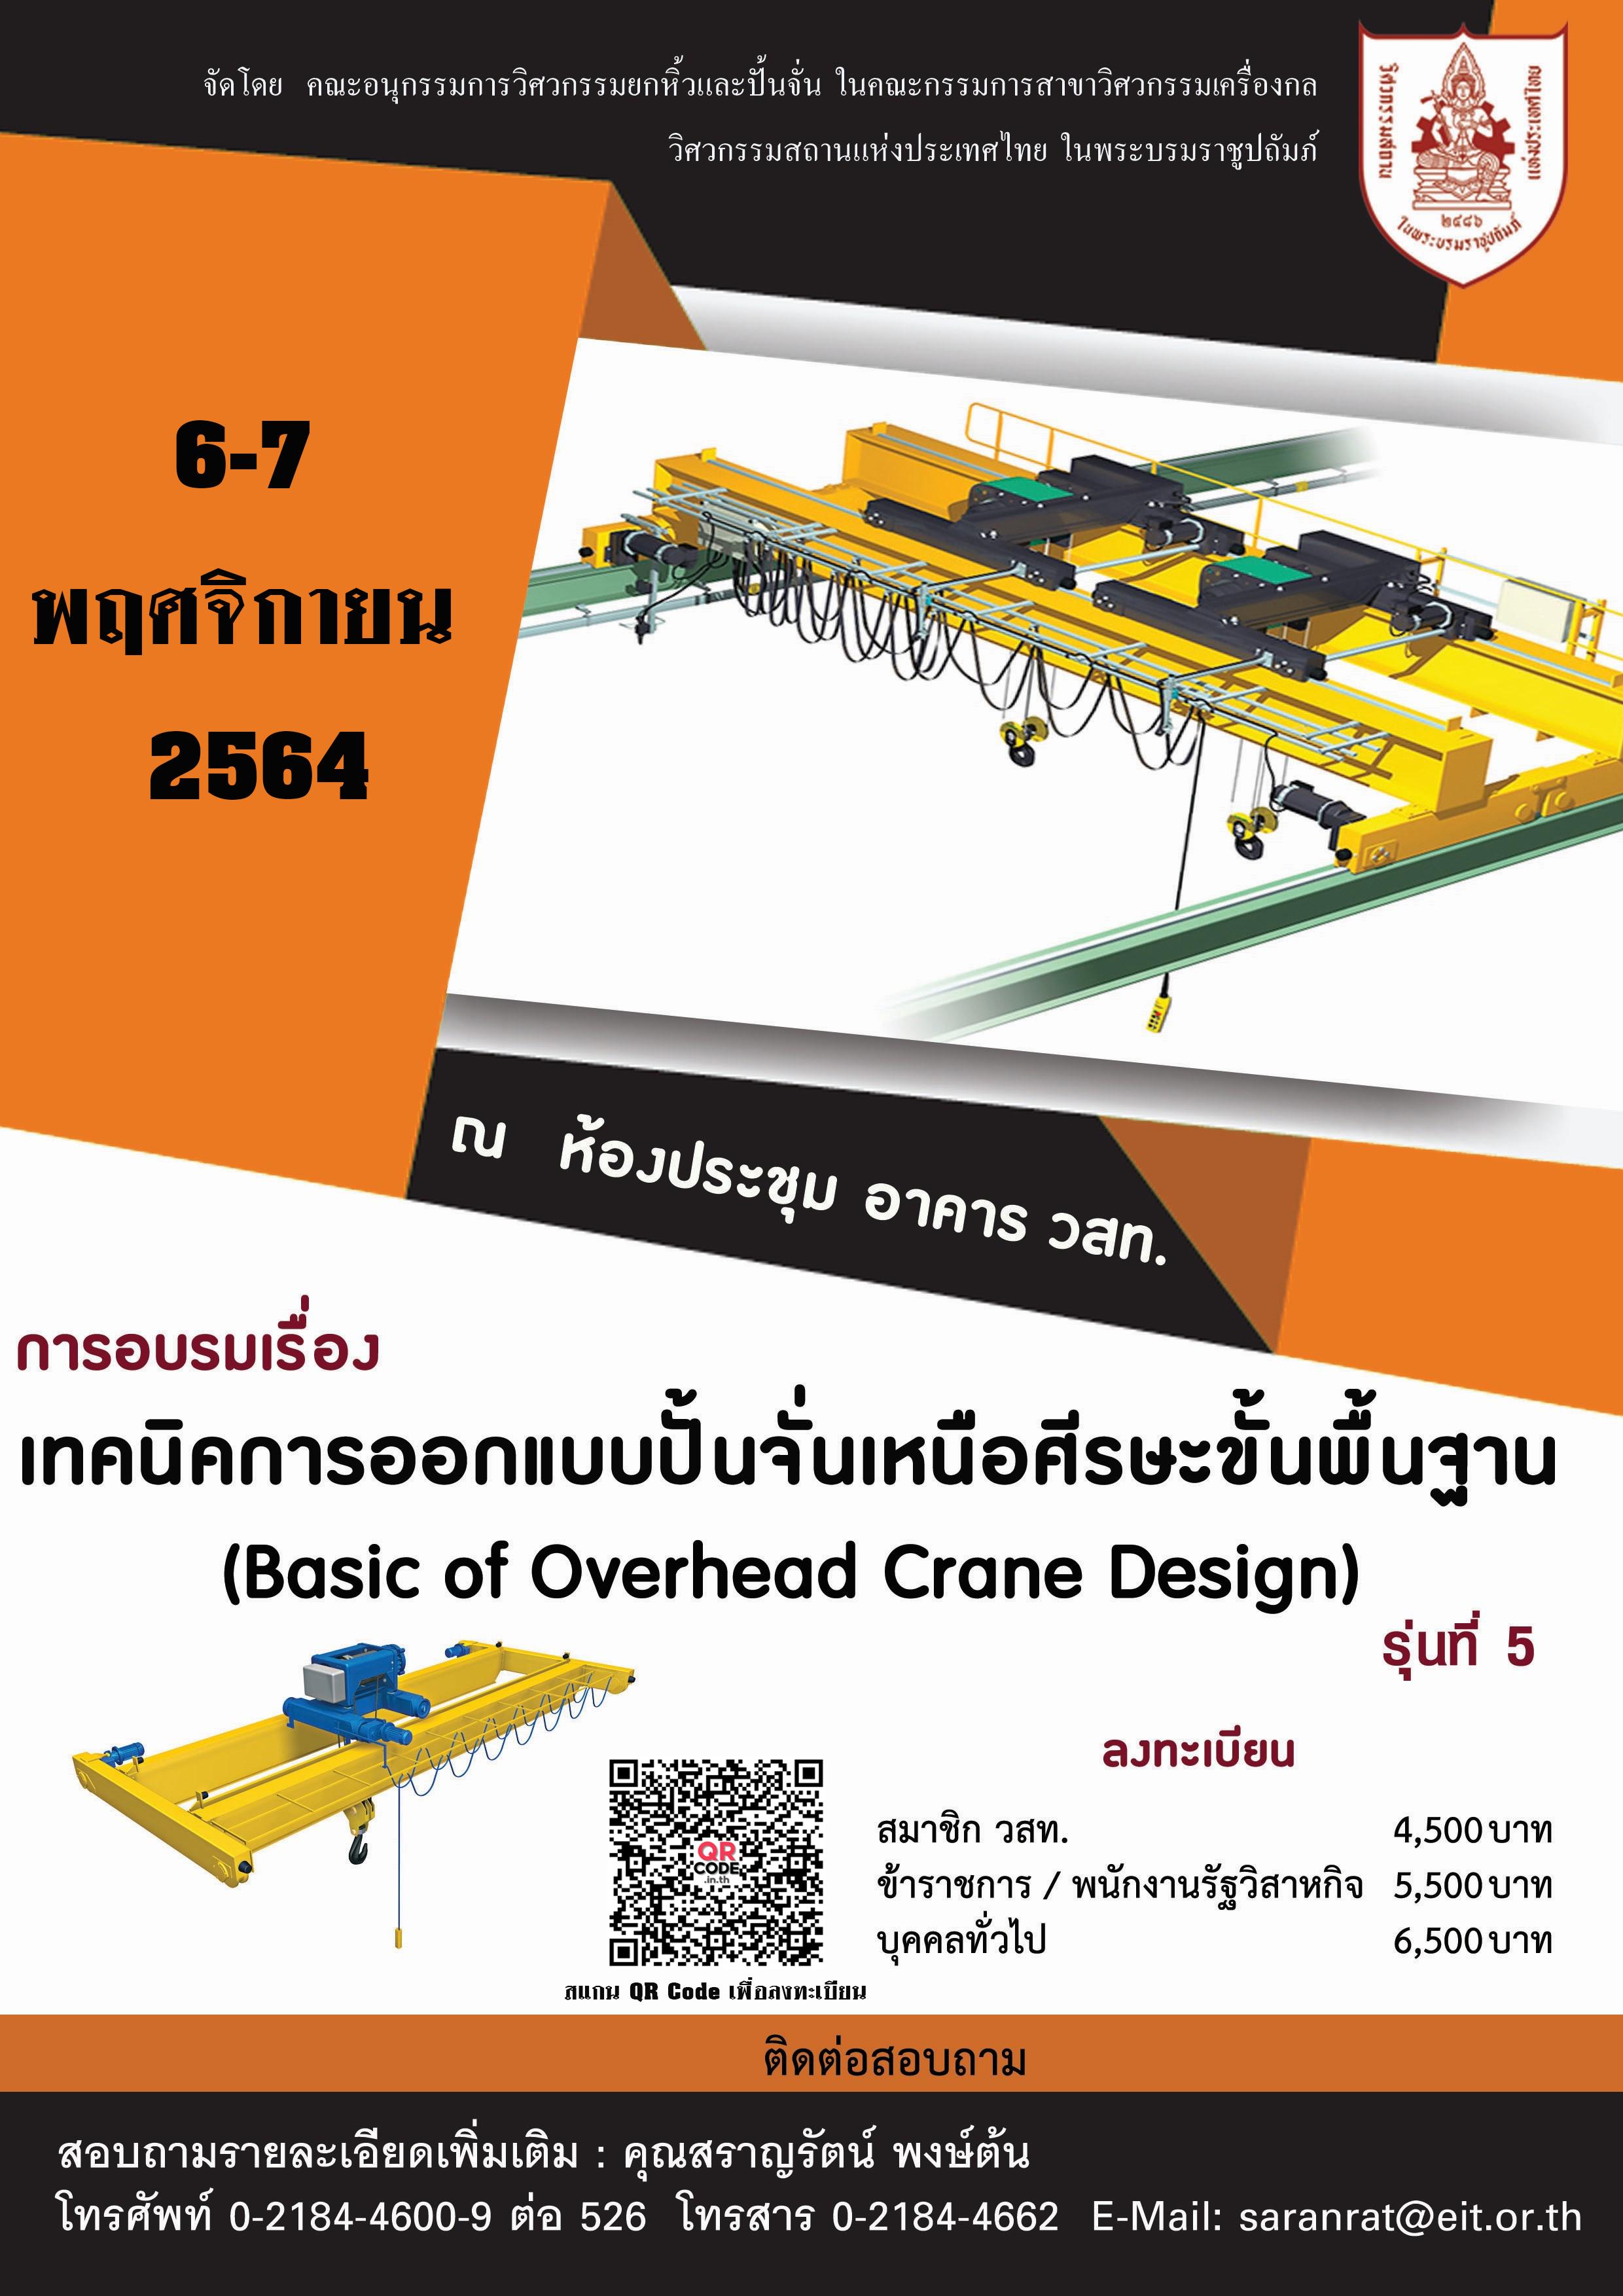 6-7/11/2564 การอบรมเรื่อง เทคนิคการออกแบบปั้นจั่นเหนือศีรษะขั้นพื้นฐาน (Basic of Overhead Crane Design) รุ่นที่ 5